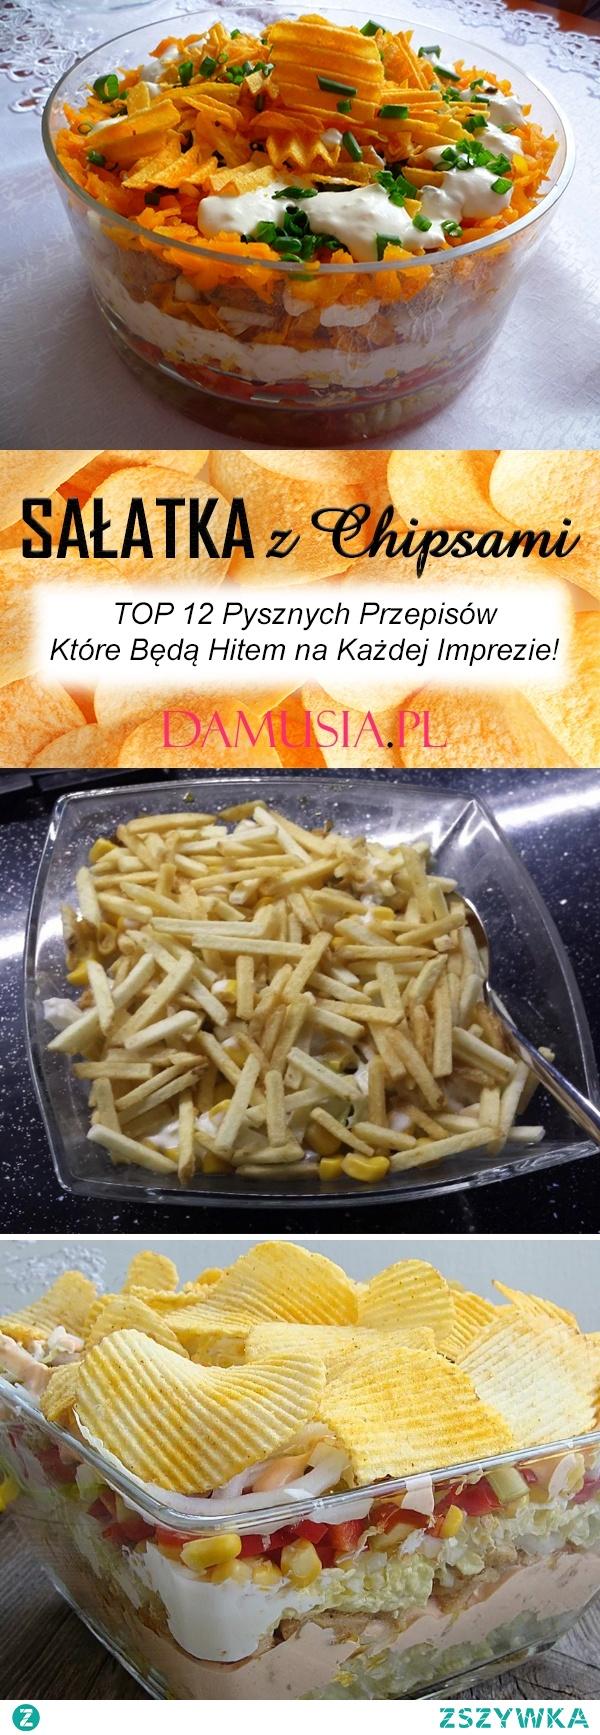 Sałatka z Chipsami – TOP 12 Pysznych Przepisów Które Będą Hitem na Każdej Imprezie!